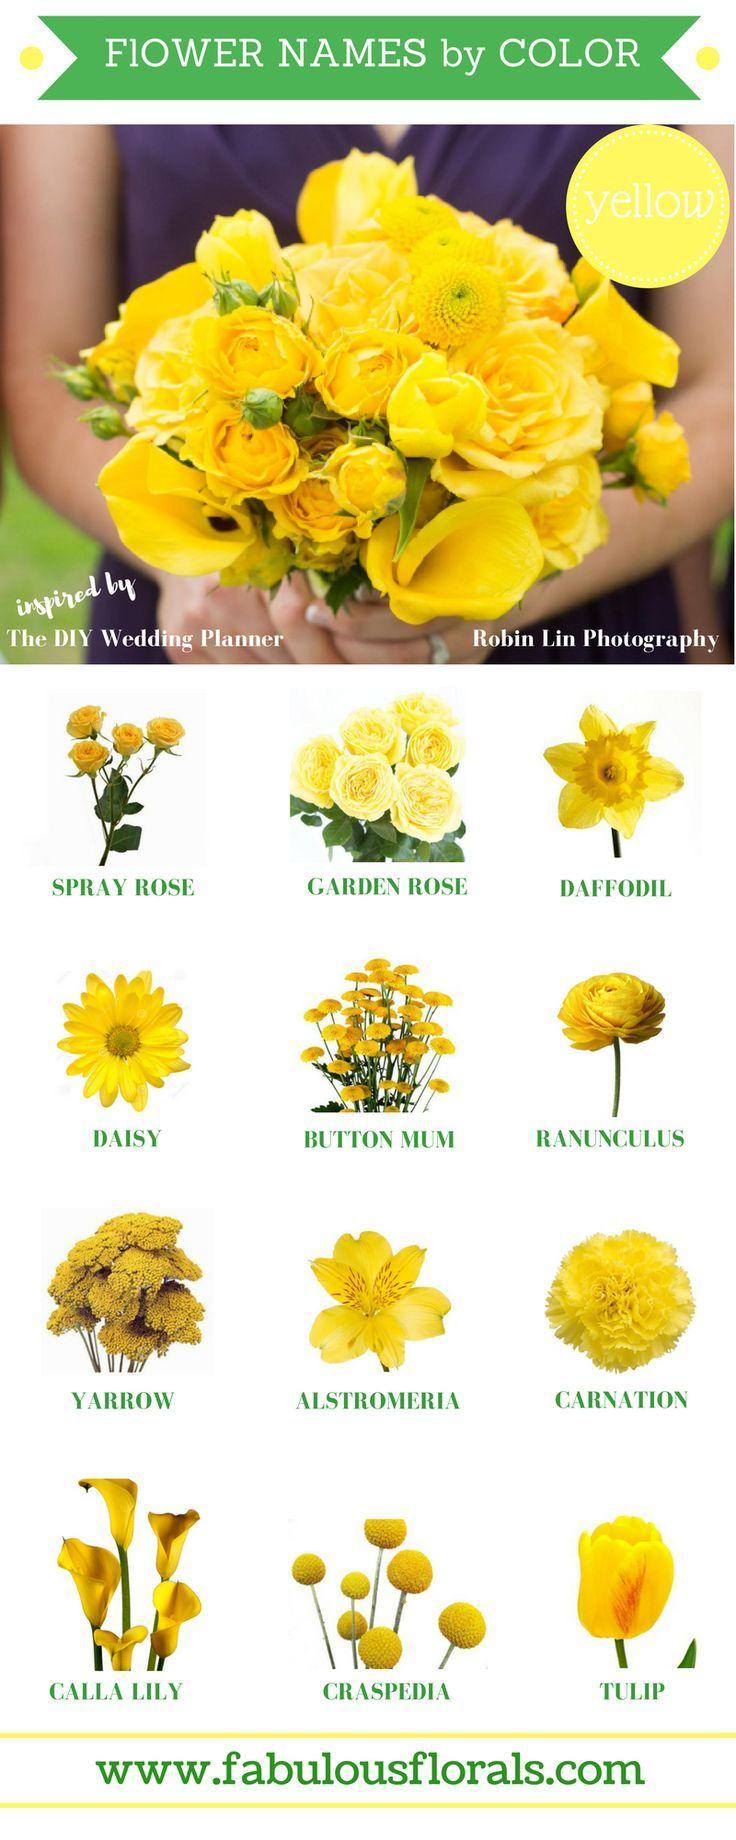 Gorgeous Yellow Wedding Flower Trends Yellowflowers Http Howtodiyweddingflowers Com Utm Content Yellow Wedding Flowers Yellow Flowers Names Yellow Flowers